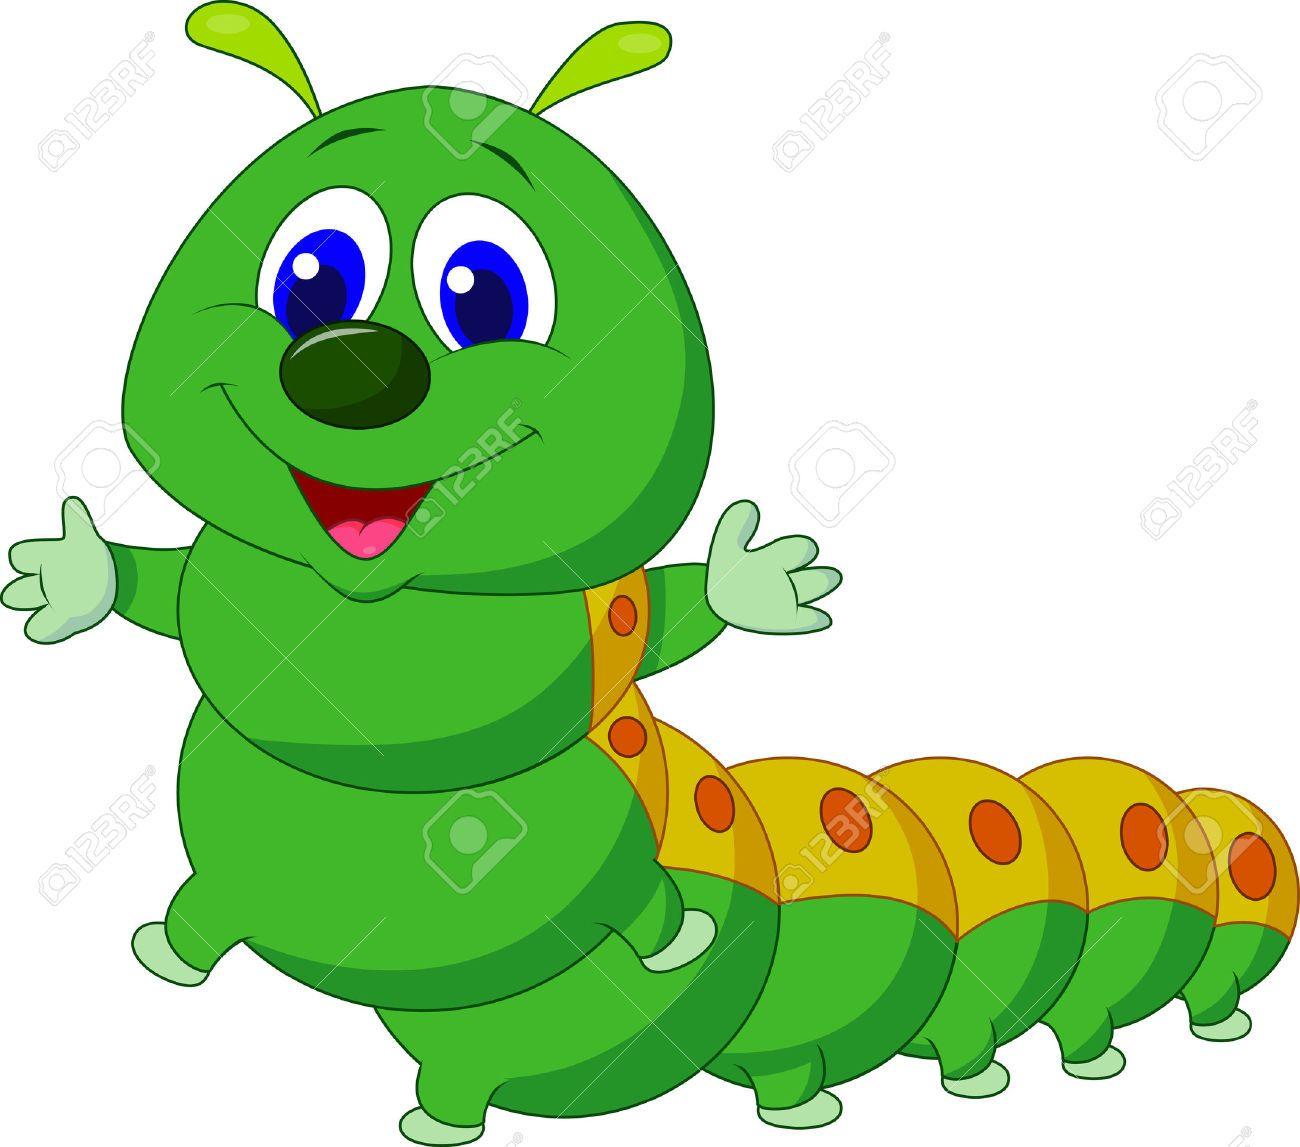 Caterpillar Cartoon Stock Photos, Pictures, Royalty Free.